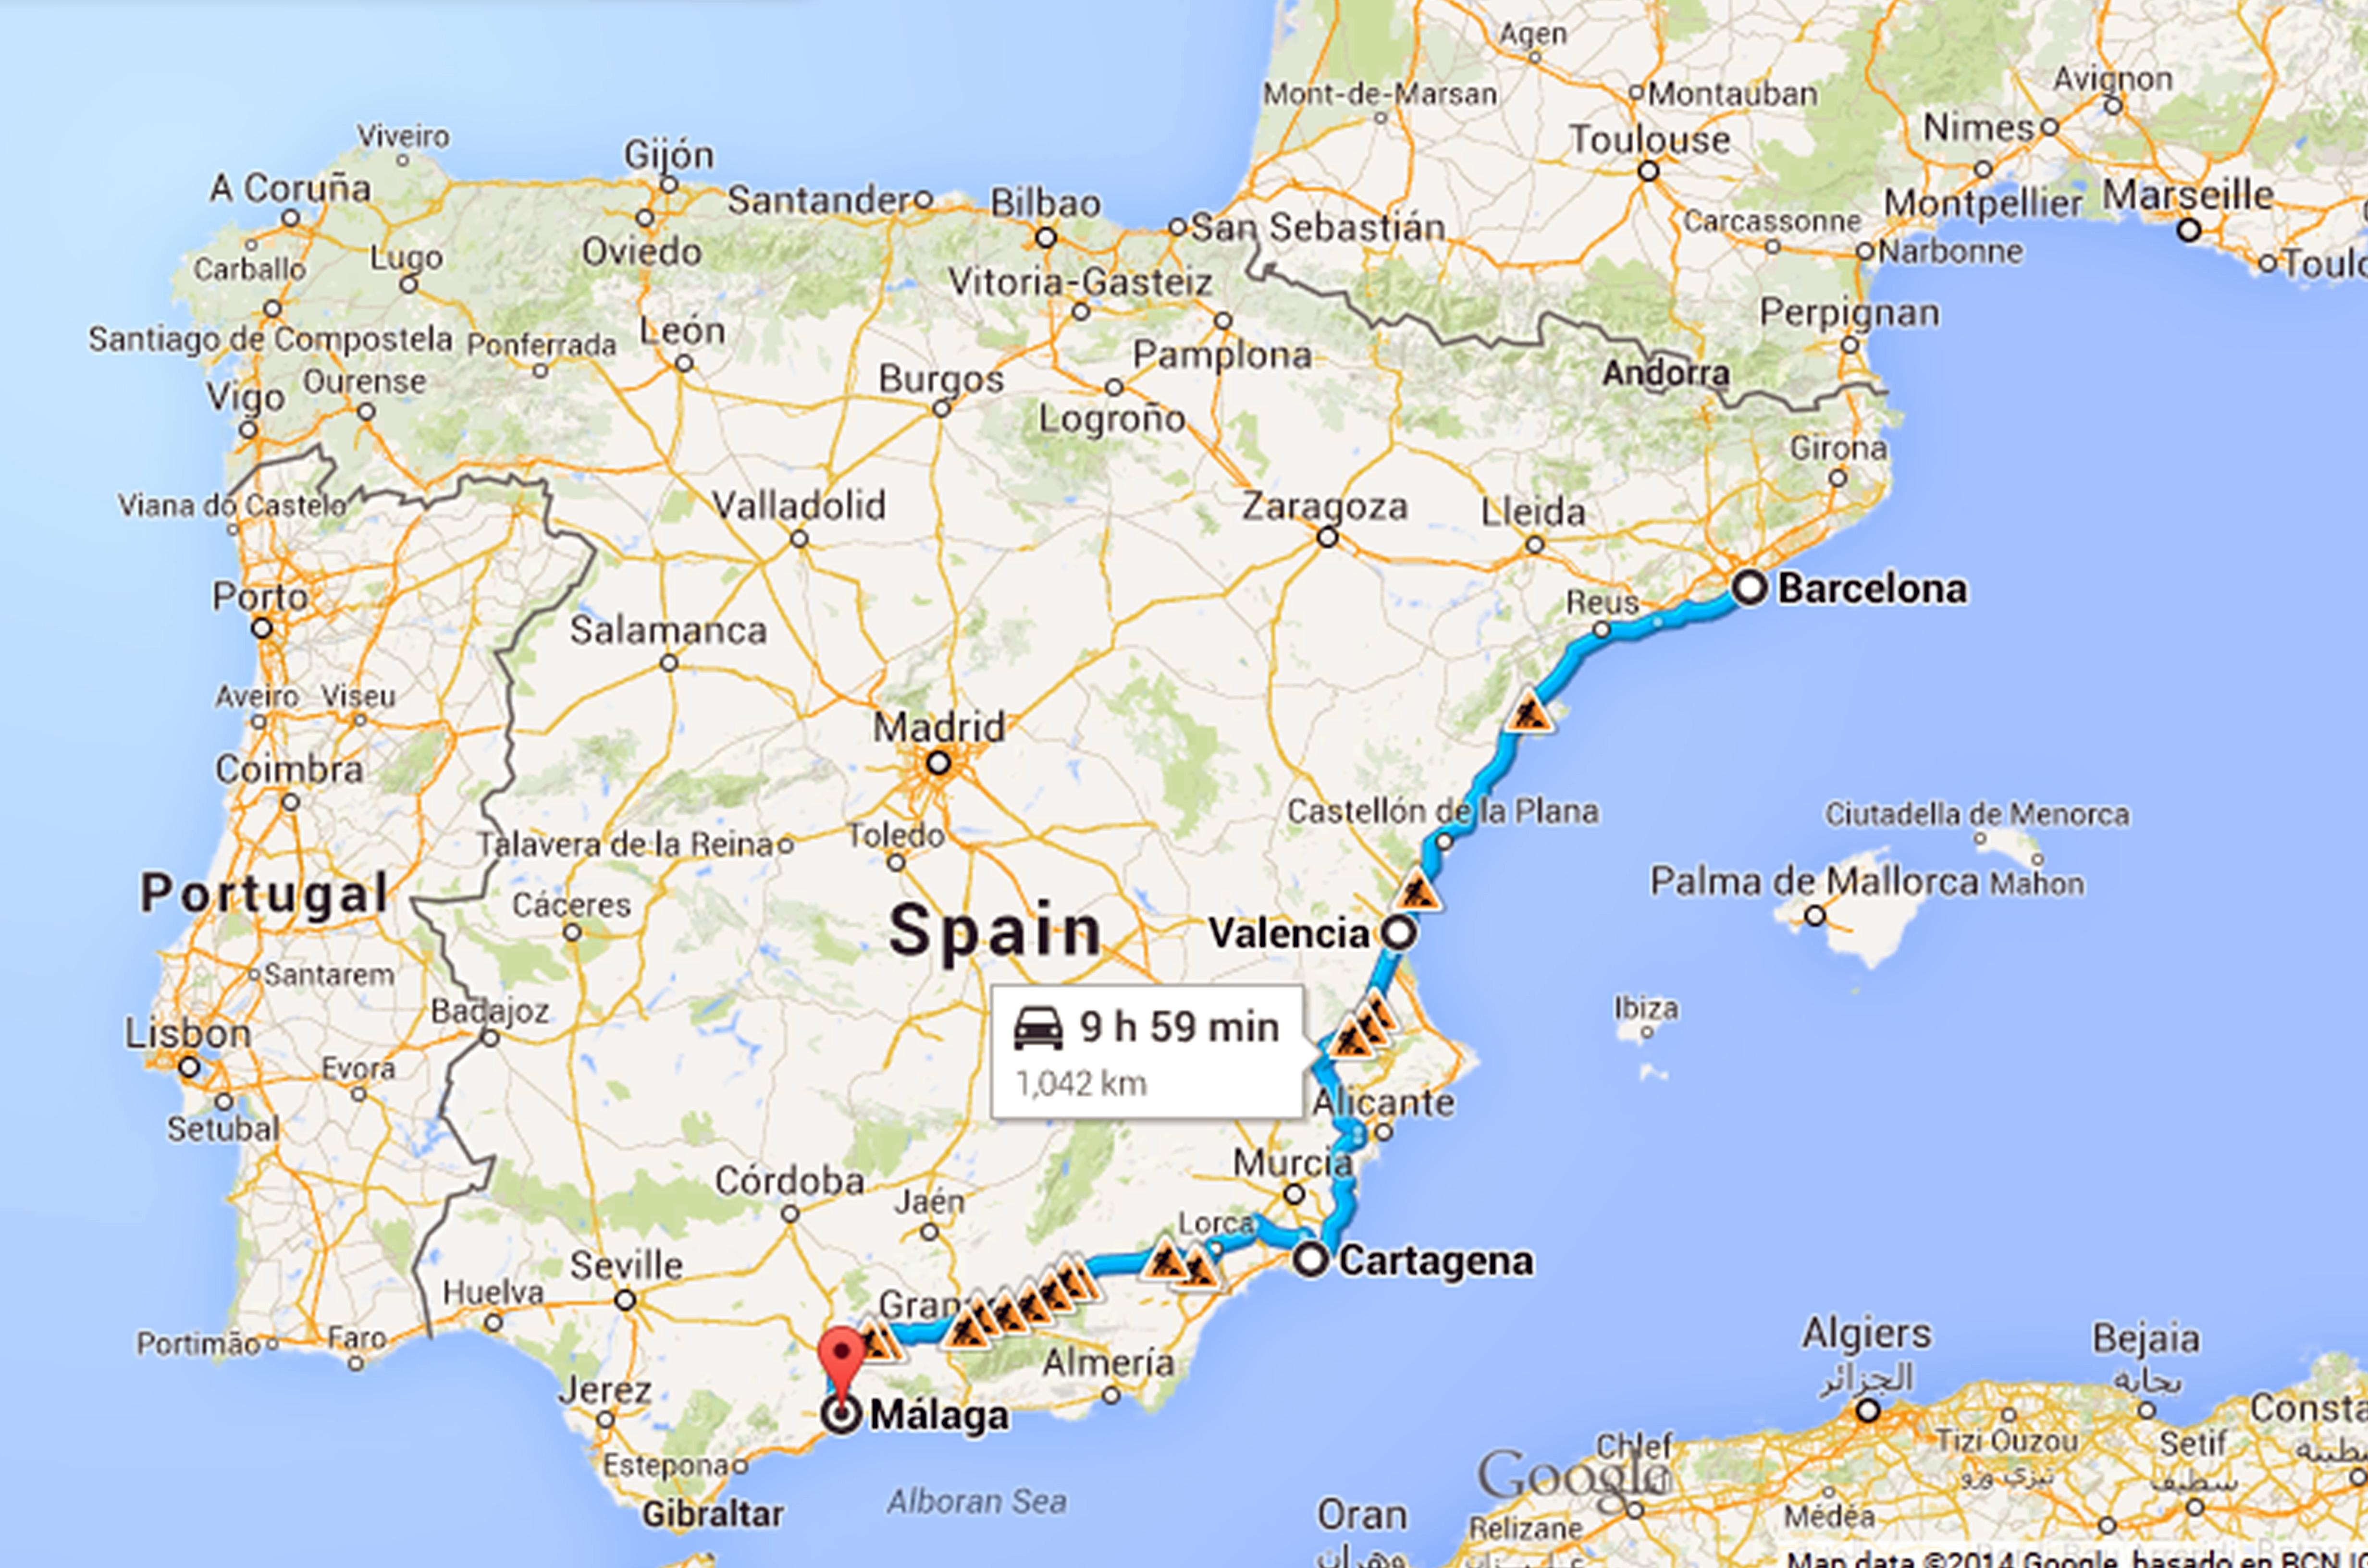 O rută bună spre Malaga